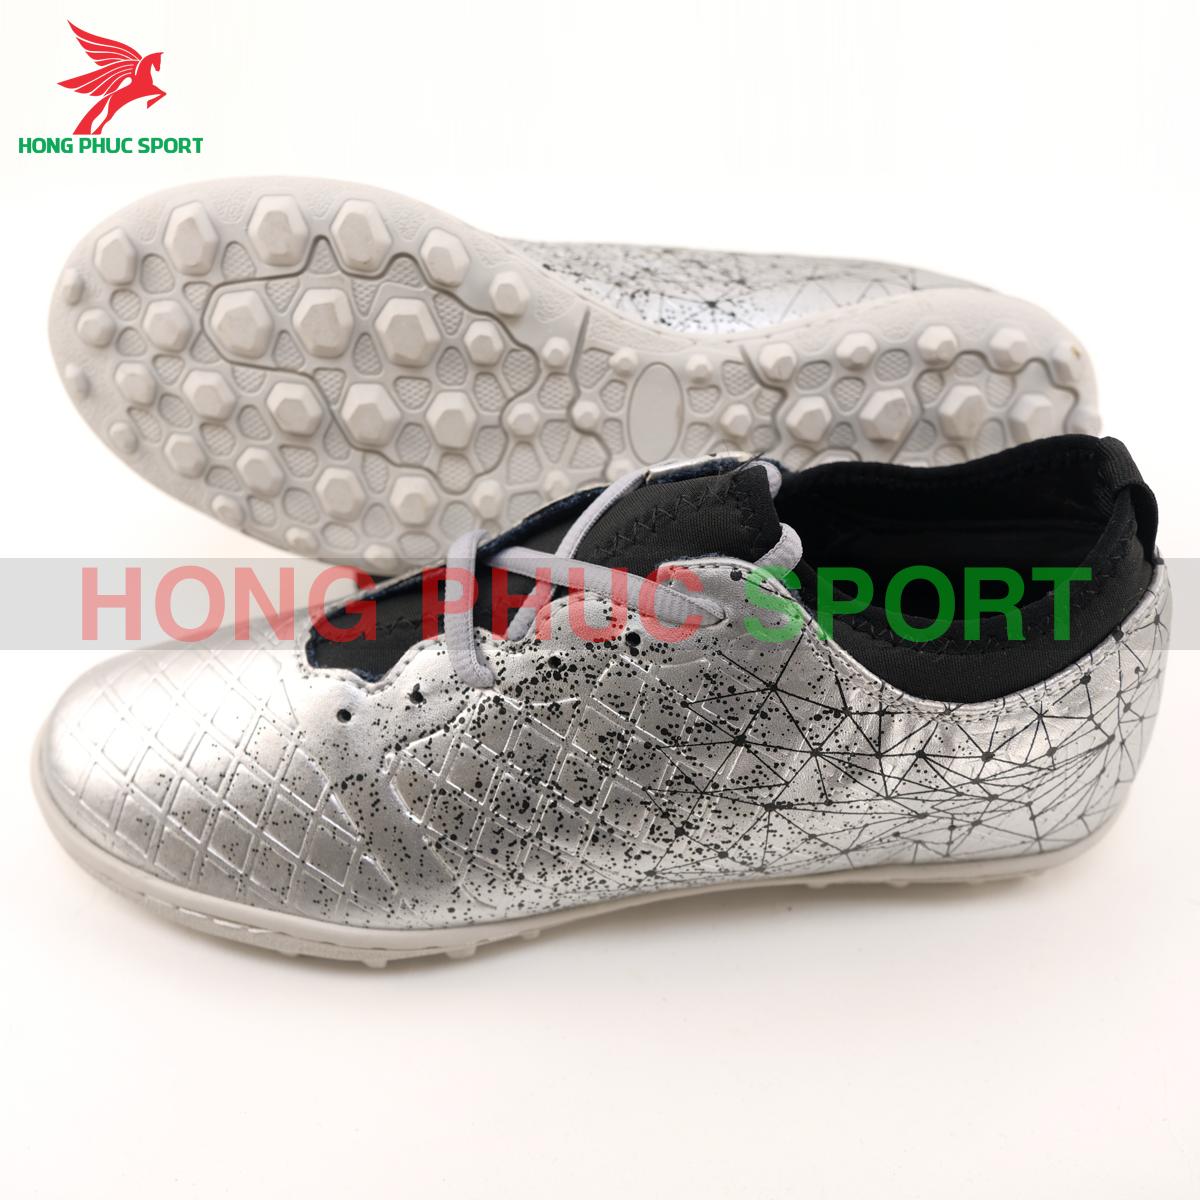 Giày đá banh Hồng Phúc Sport Premium 21.1 màu bạc